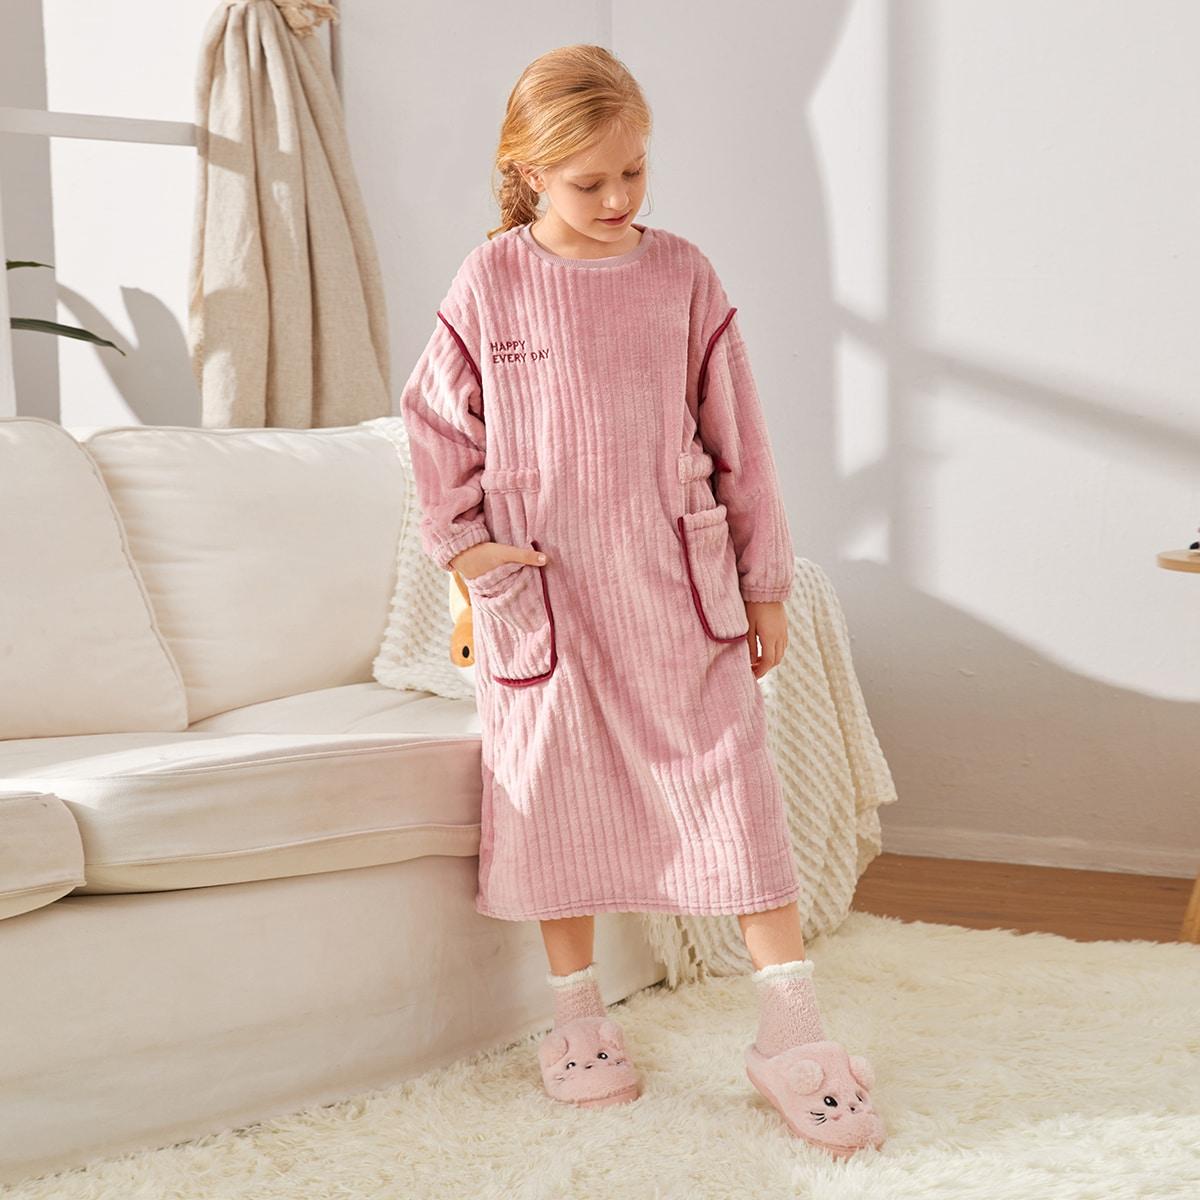 с вышивкой Лозунг Повседневный Домашняя одежда для девочек